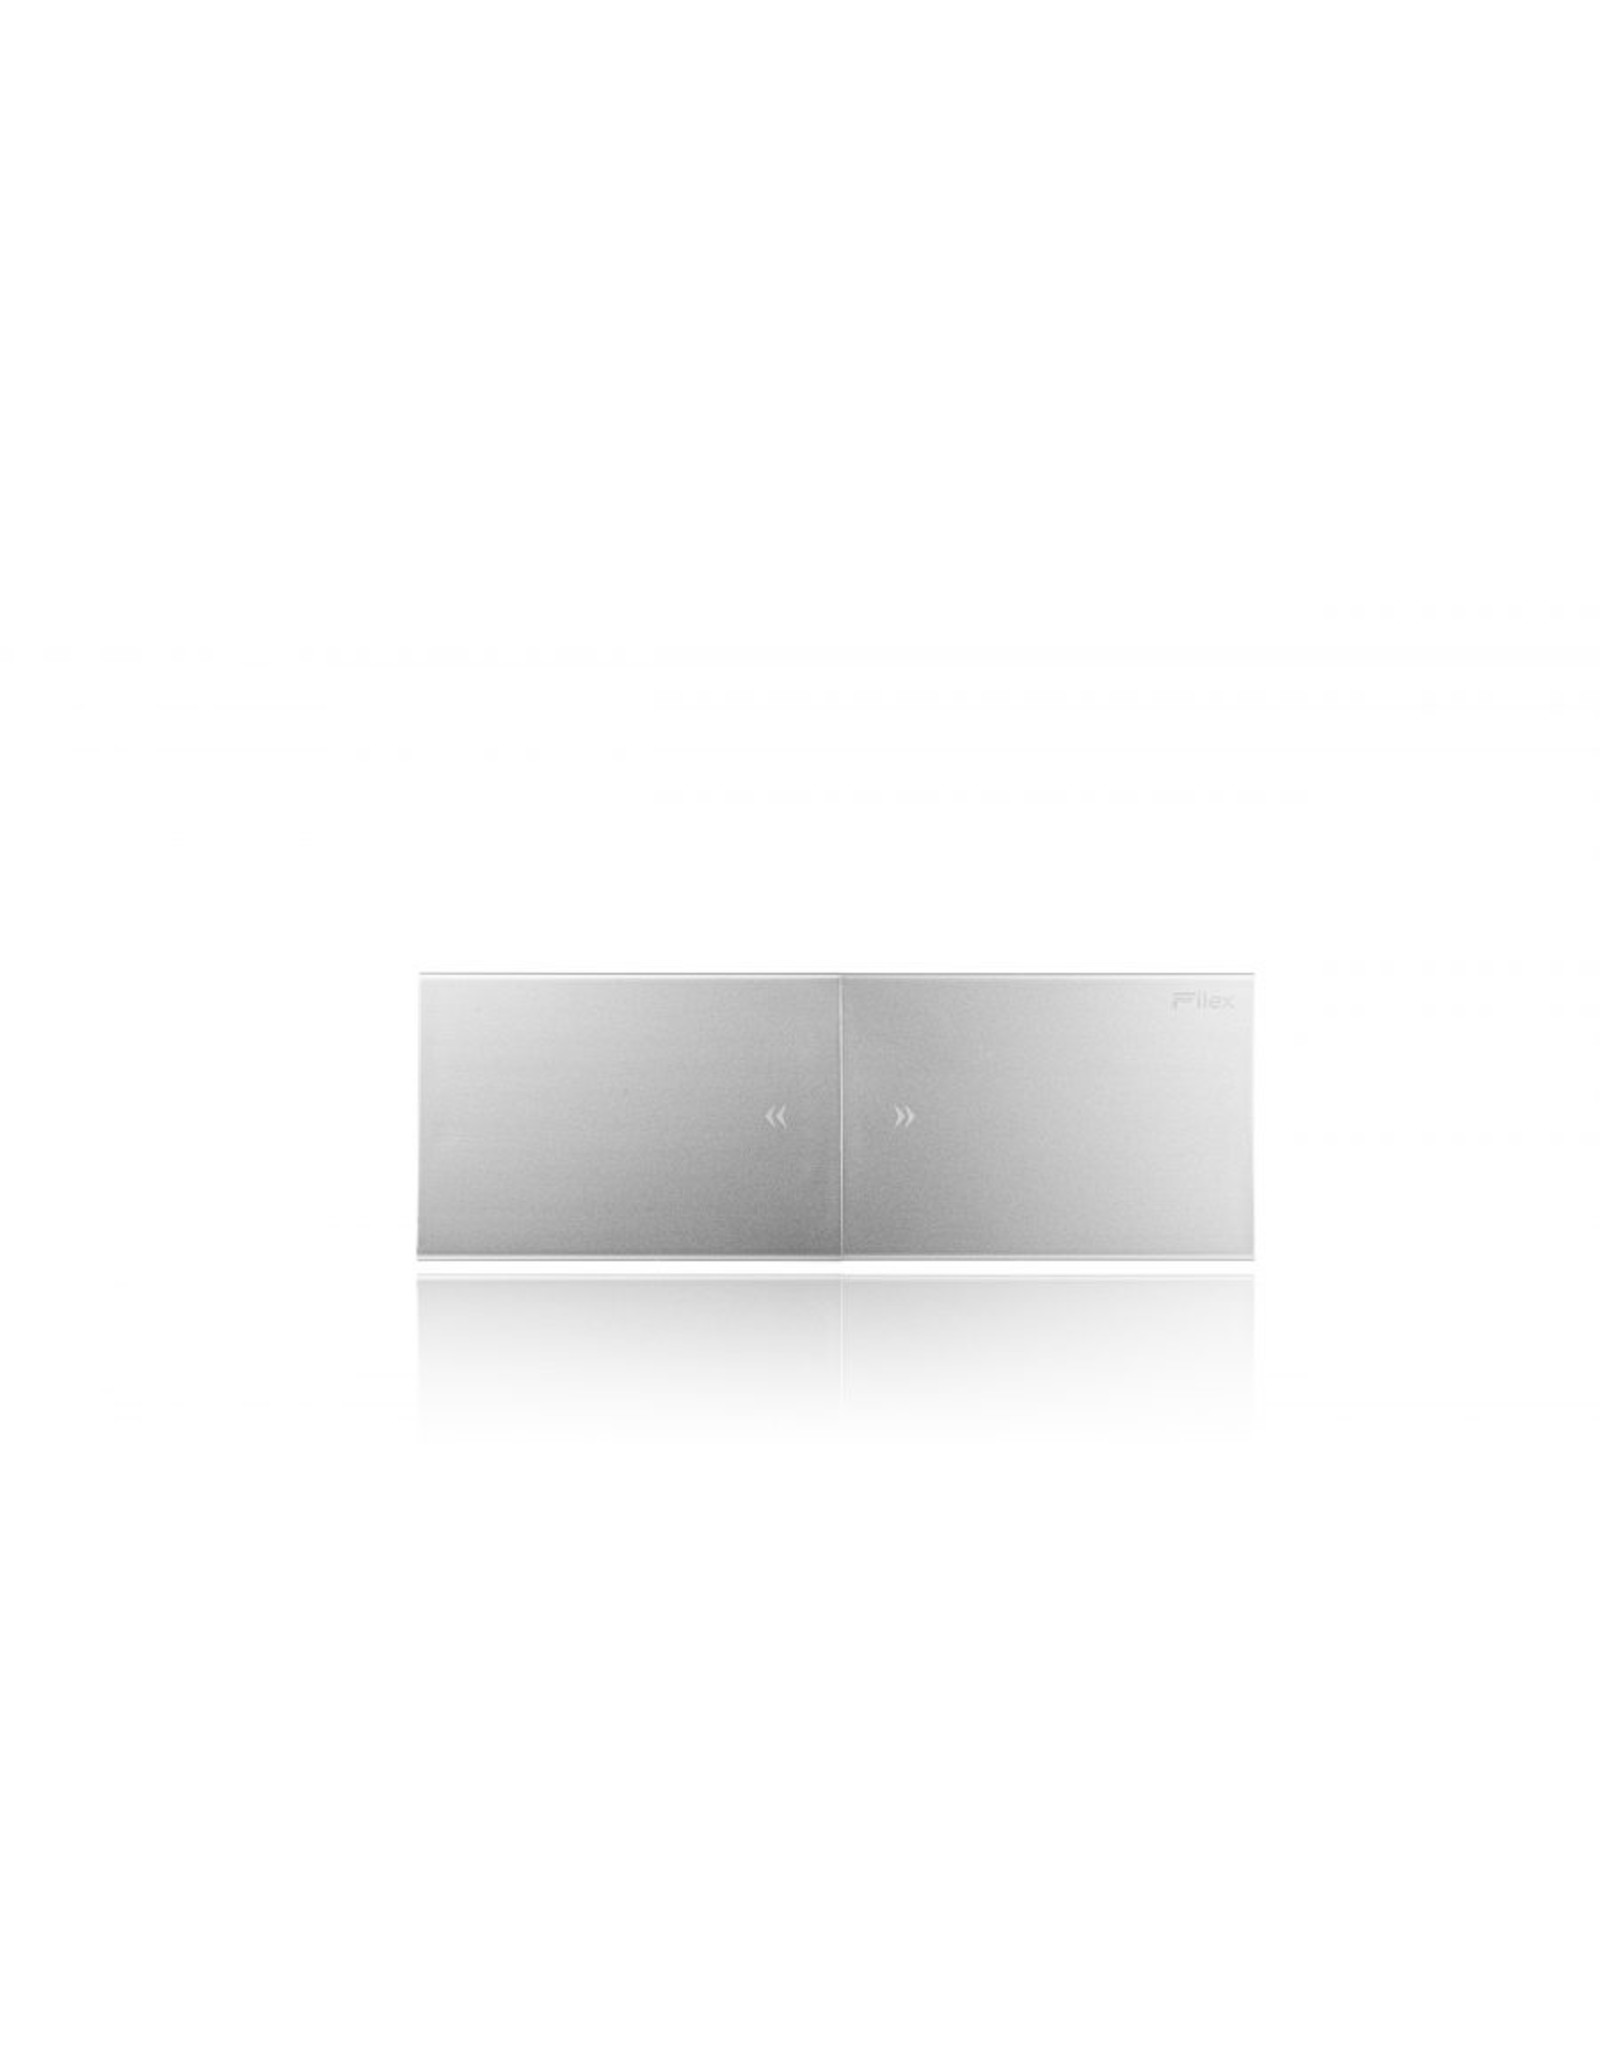 Filex Desk In Slide - 2x 230V - 2x USB charger - 1x Cat6 - 1x HDMI